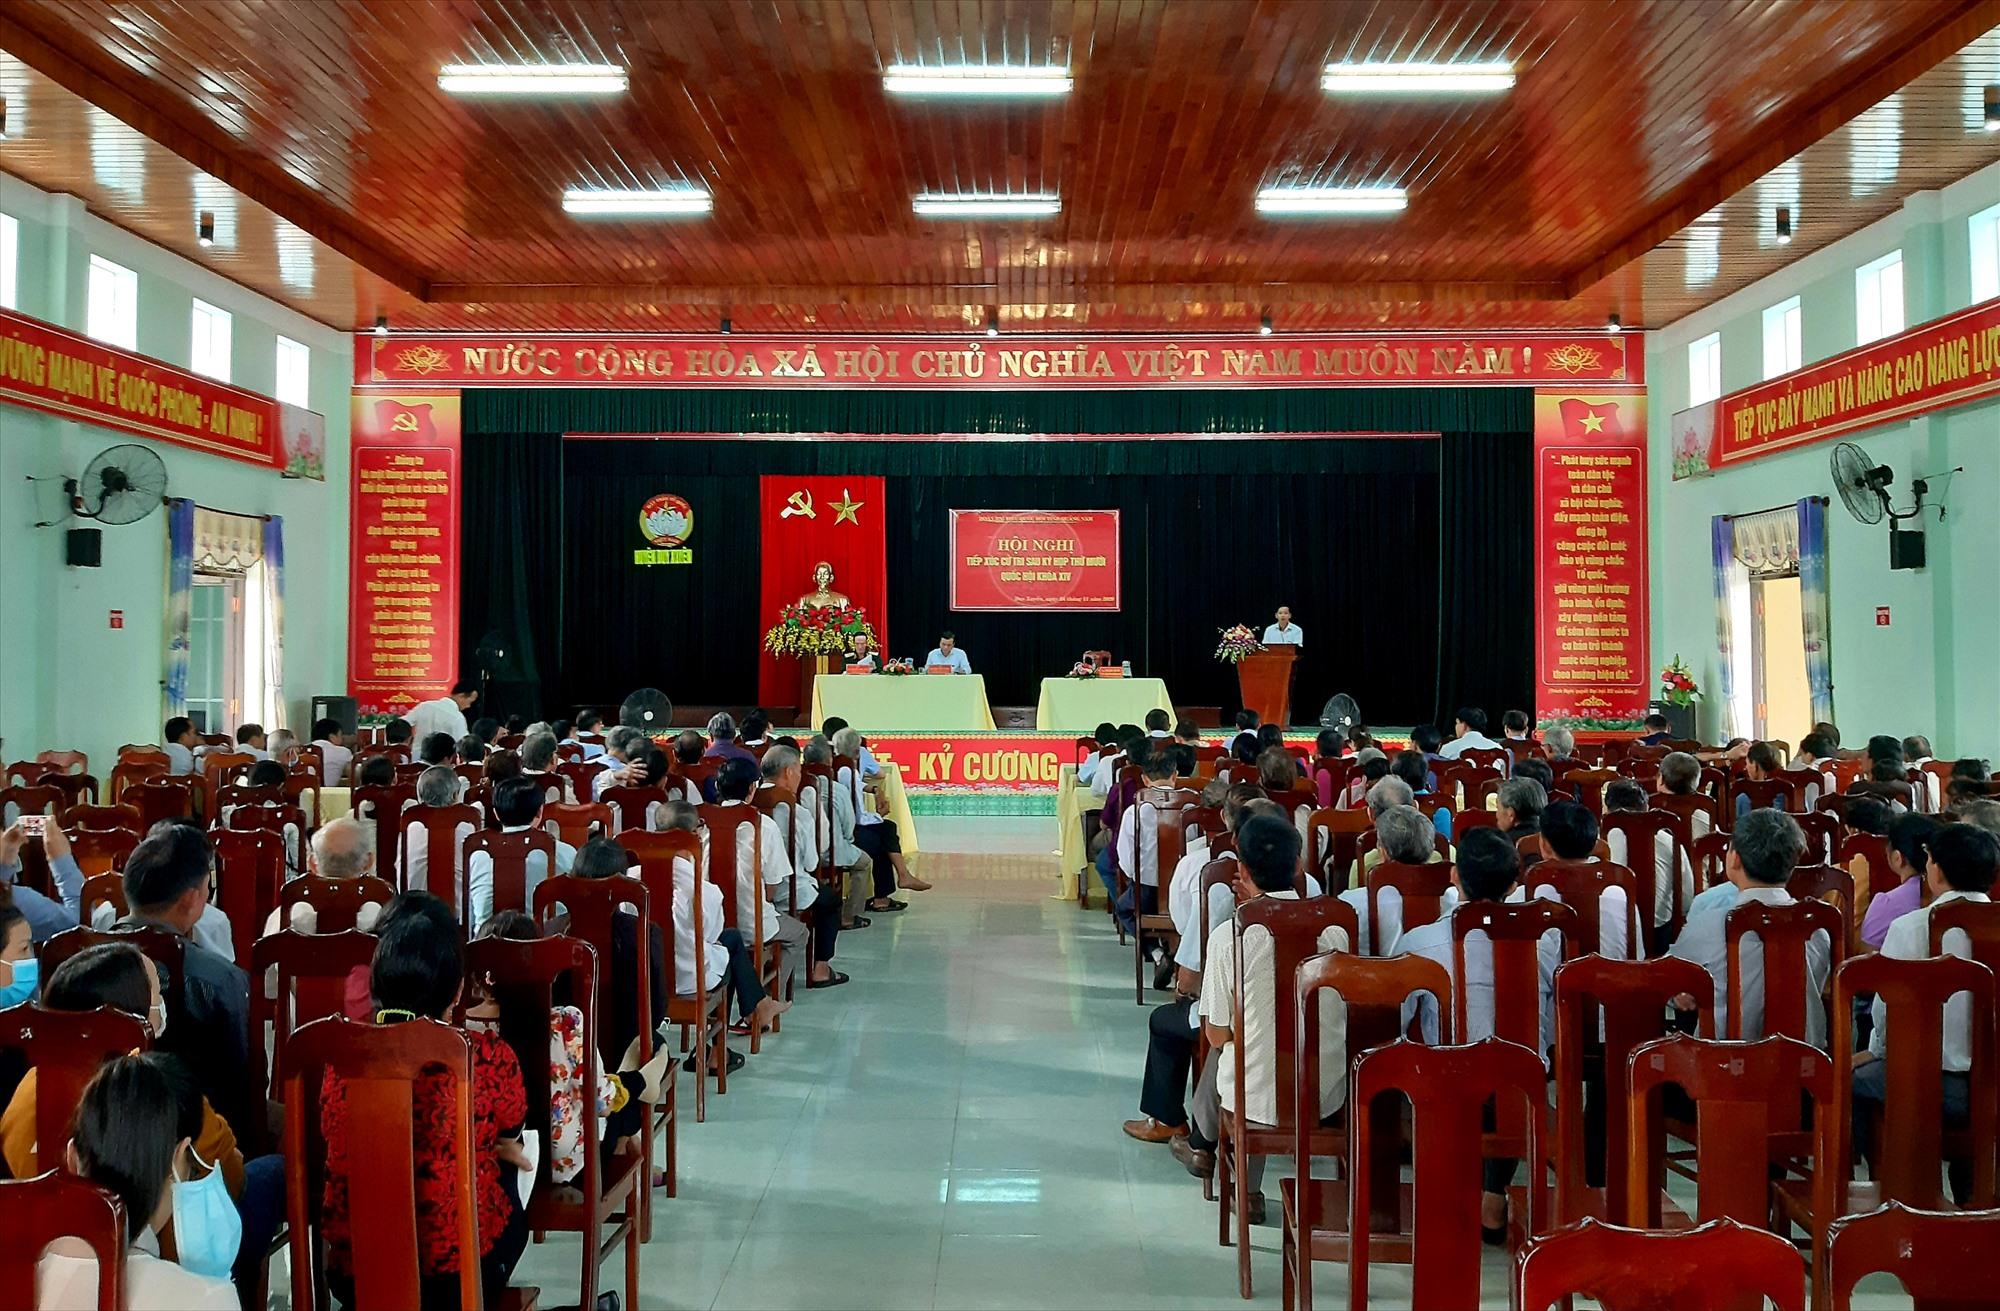 Quang cảnh buổi tiếp xúc cử tri huyện Duy Xuyên sáng nay 24.11.  Ảnh: VĂN SỰ